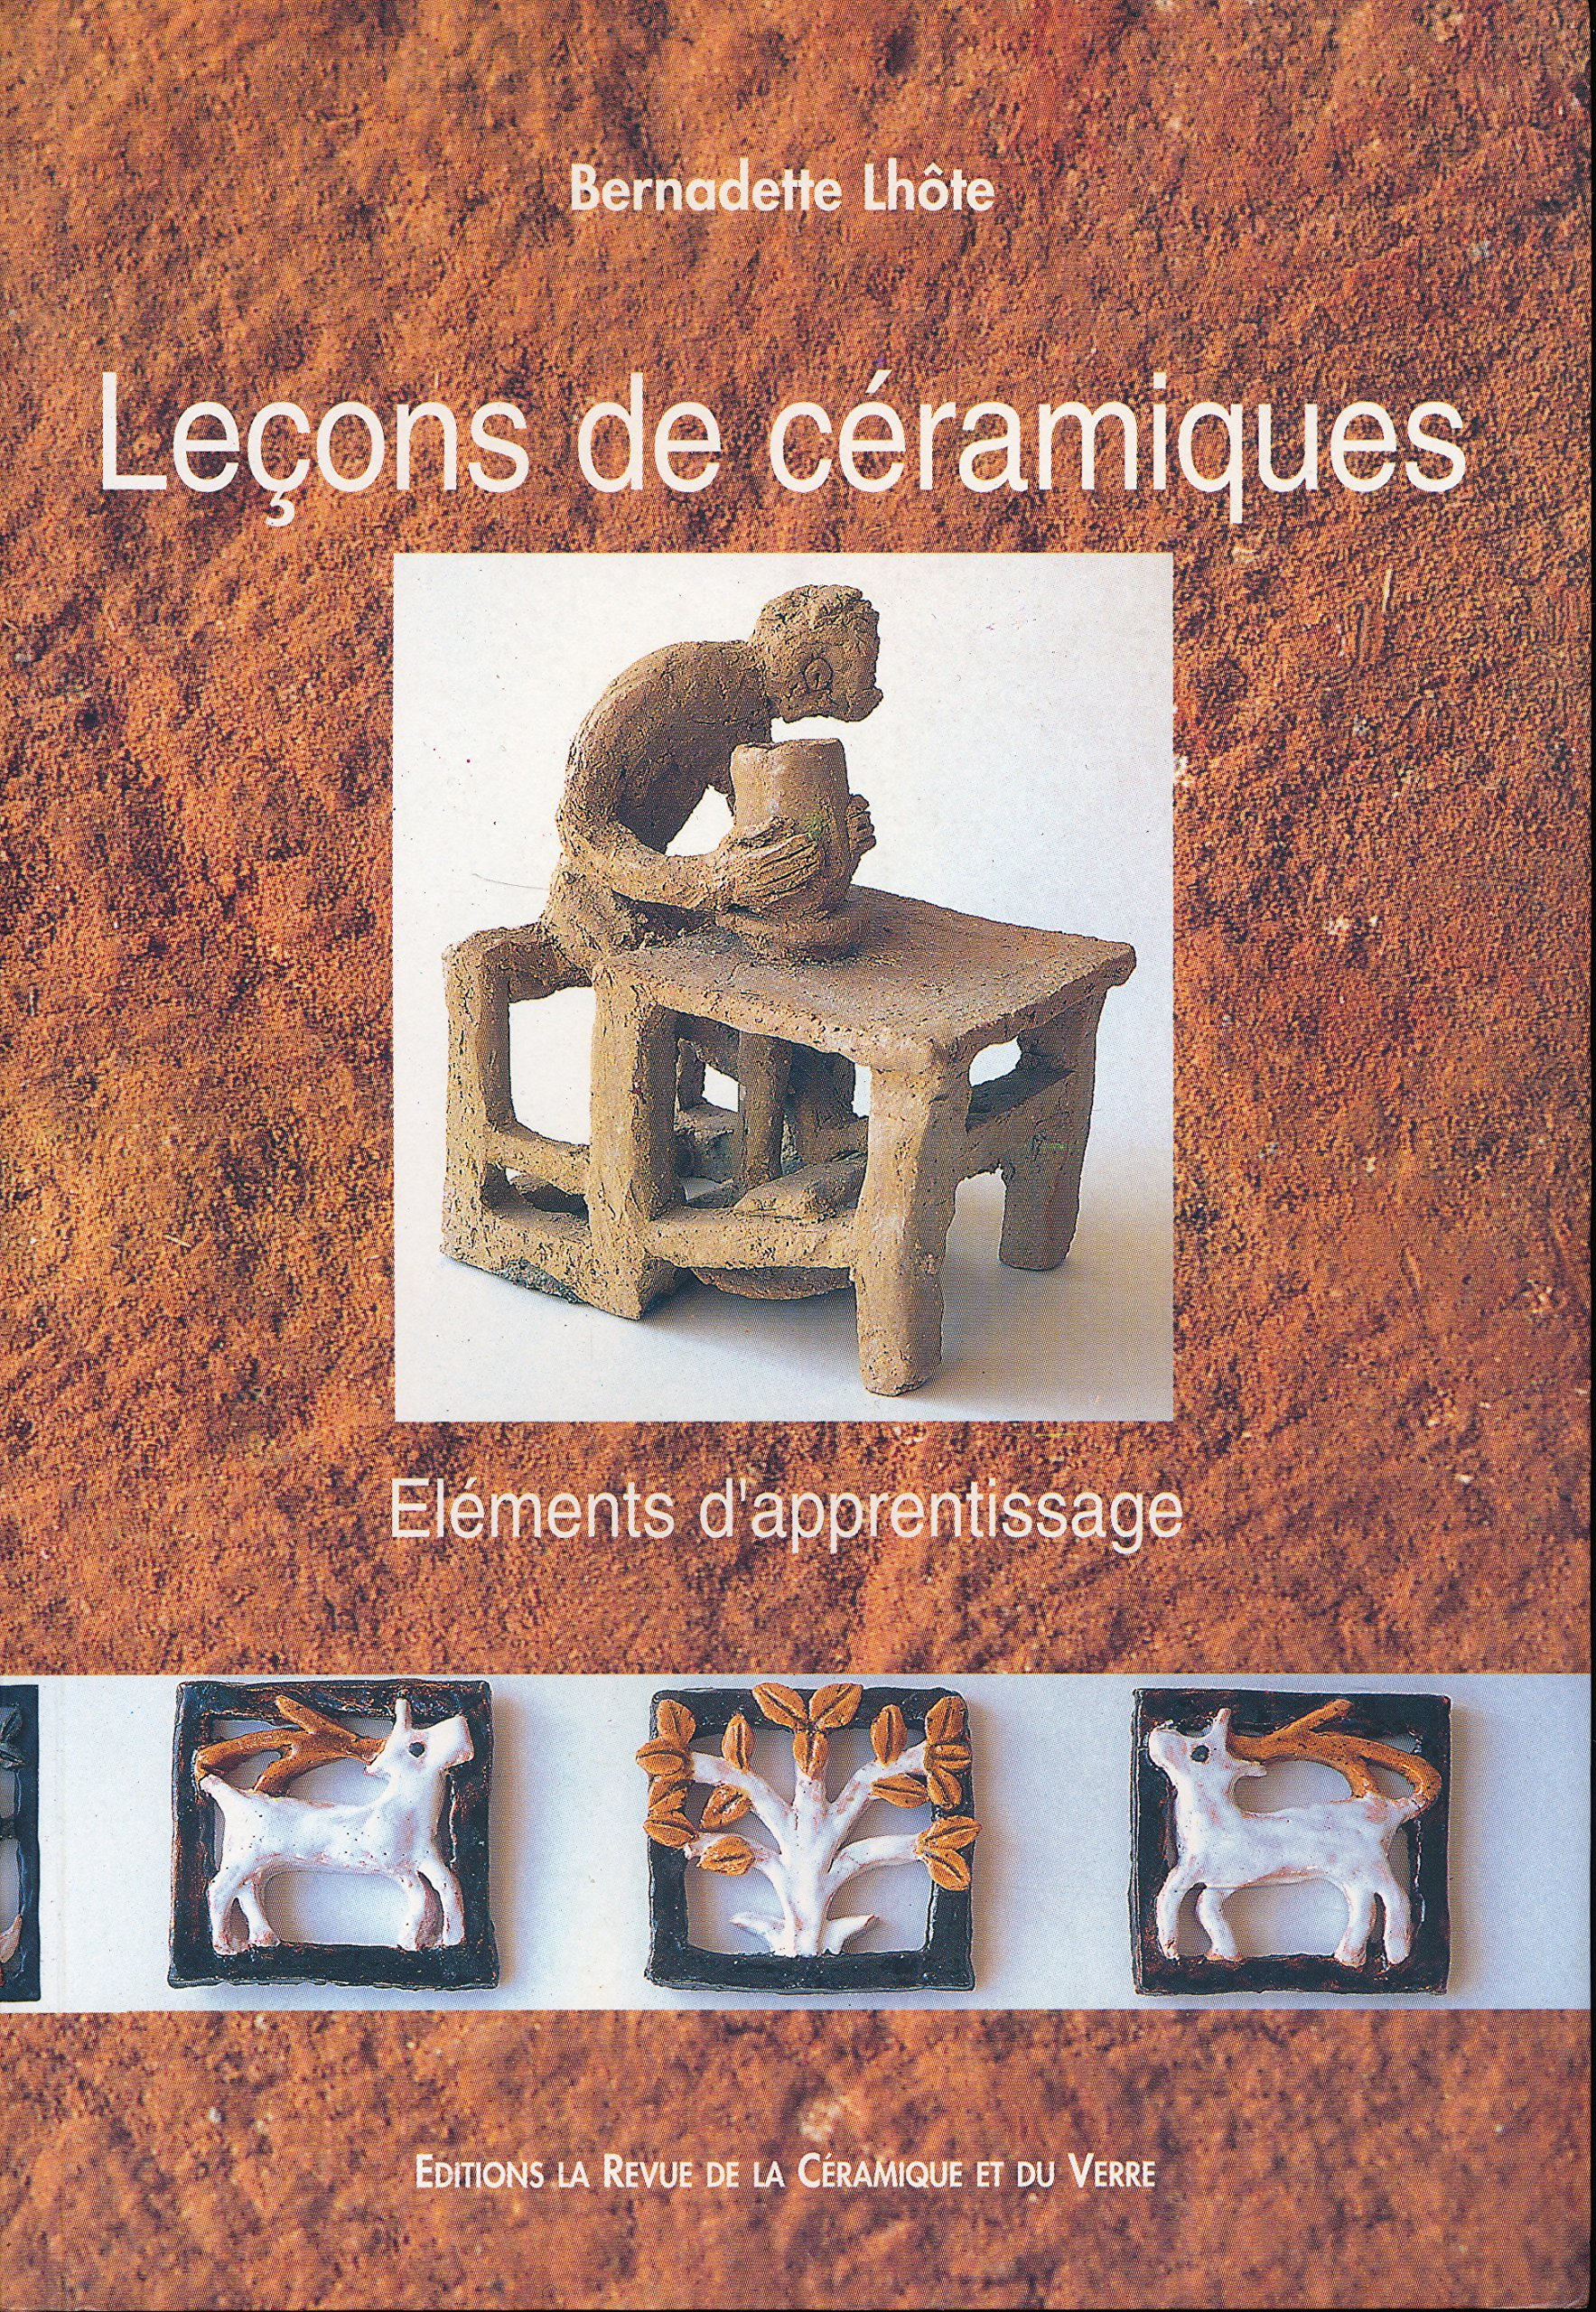 Leçons de céramiques : Éléments d'apprentissage